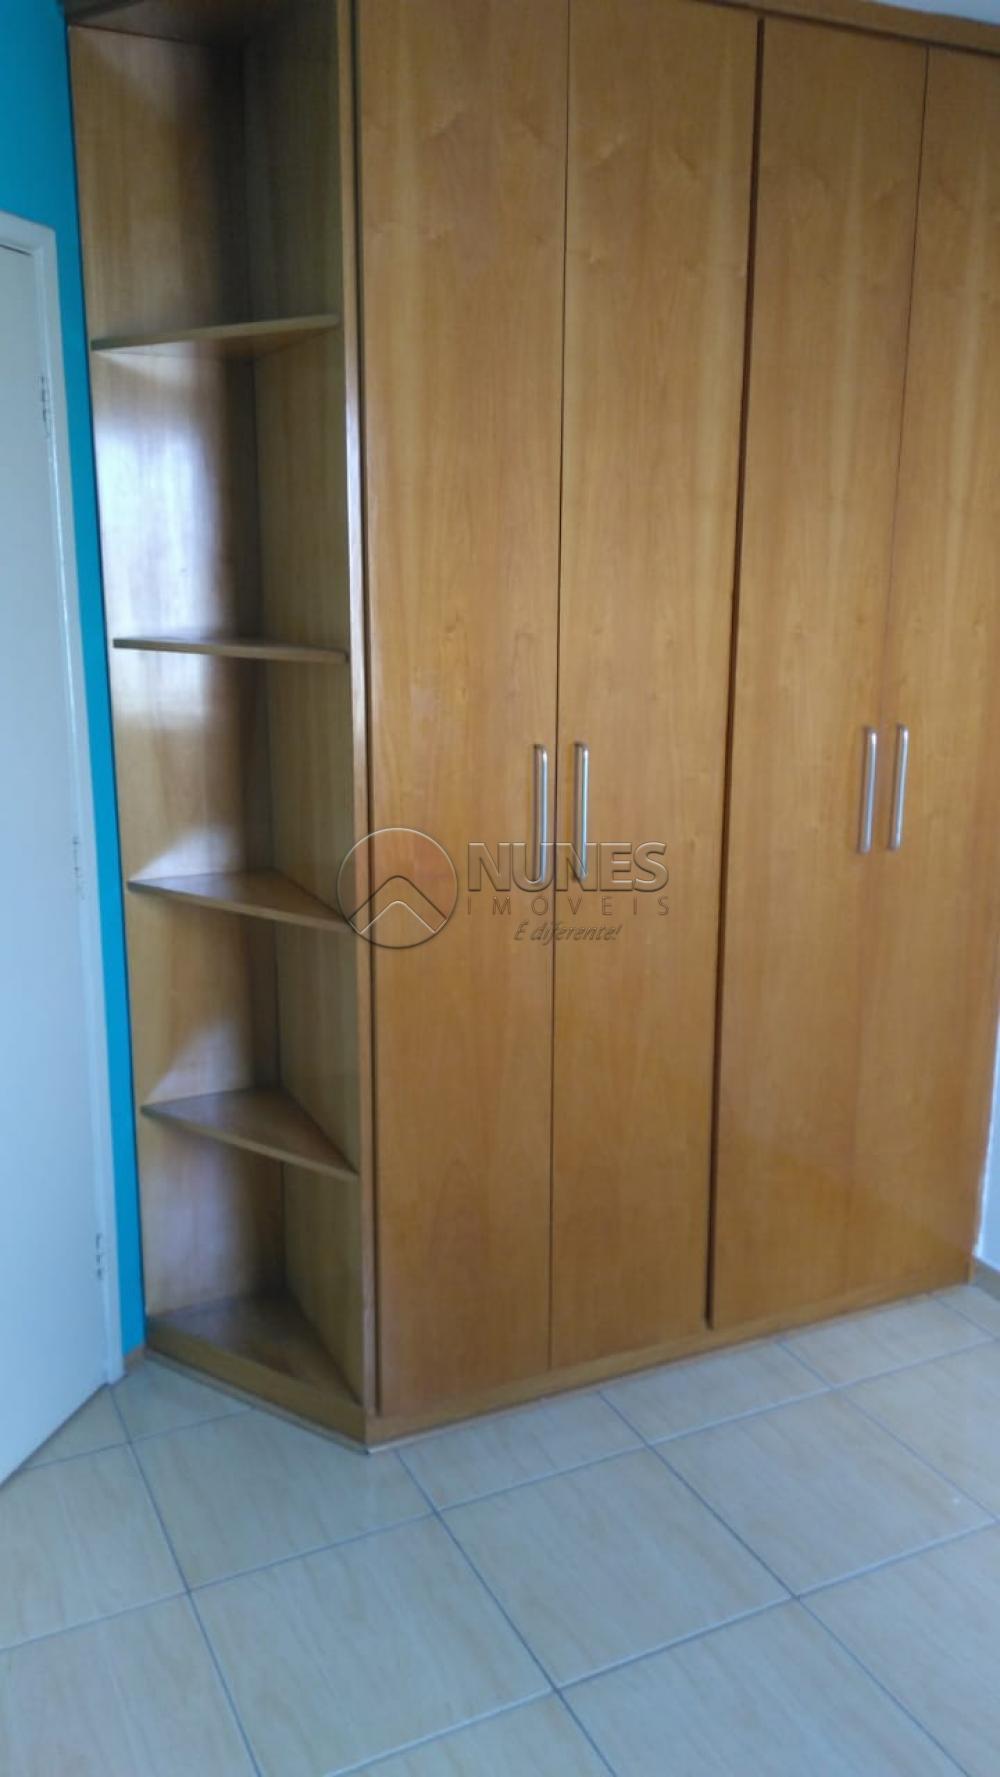 Comprar Apartamento / Padrão em São Paulo apenas R$ 280.000,00 - Foto 17